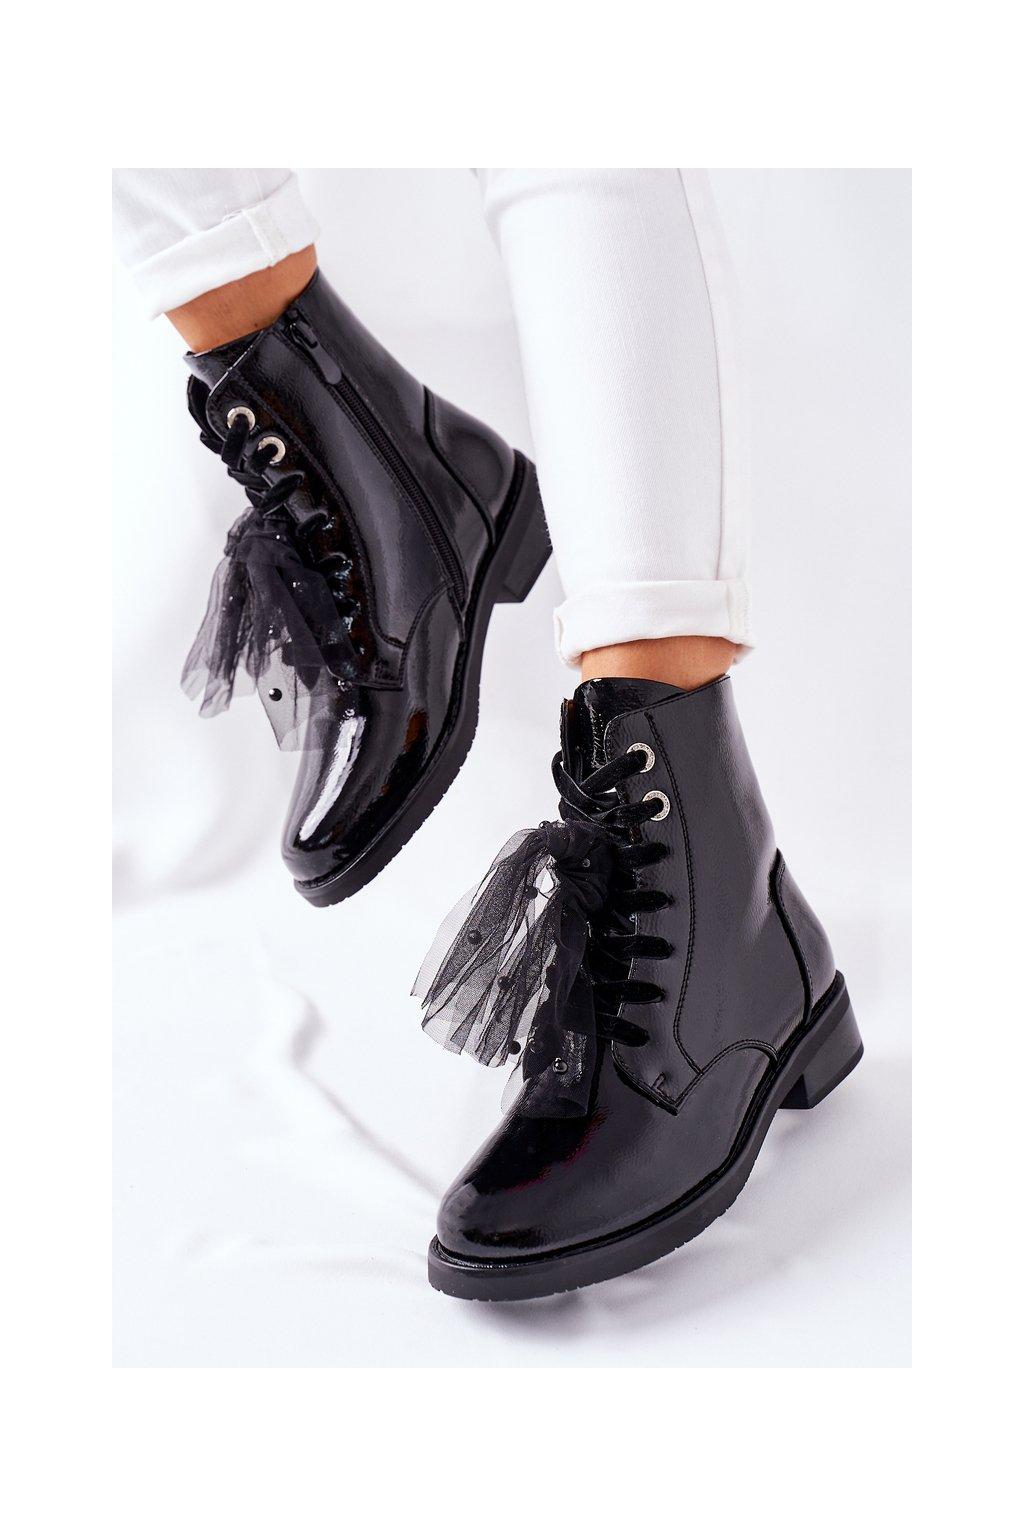 Členkové topánky na podpätku farba čierna kód obuvi 39 BLK